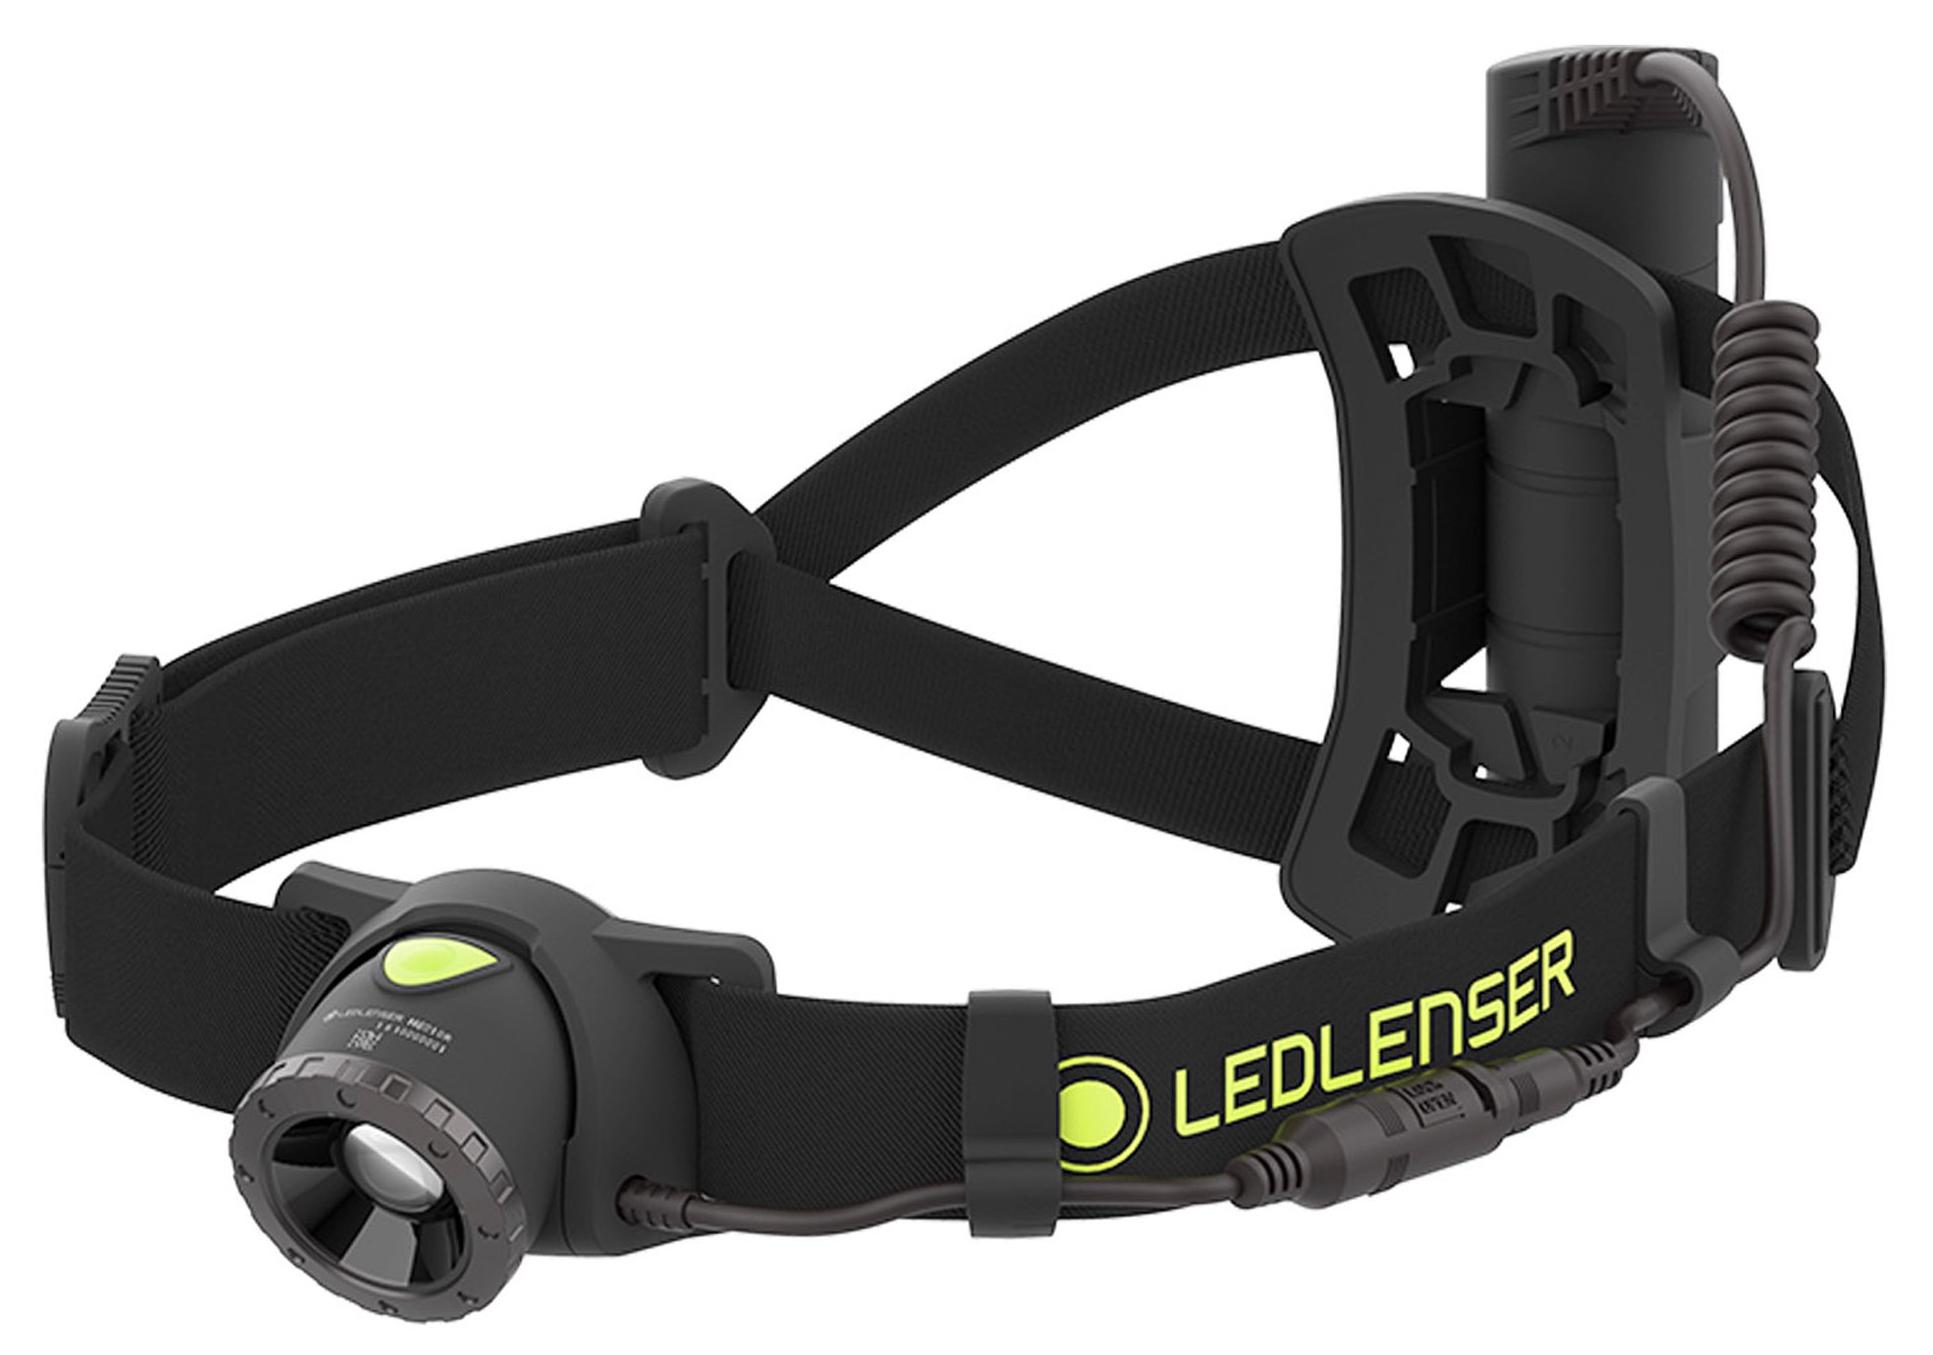 LedLenser NEO10R